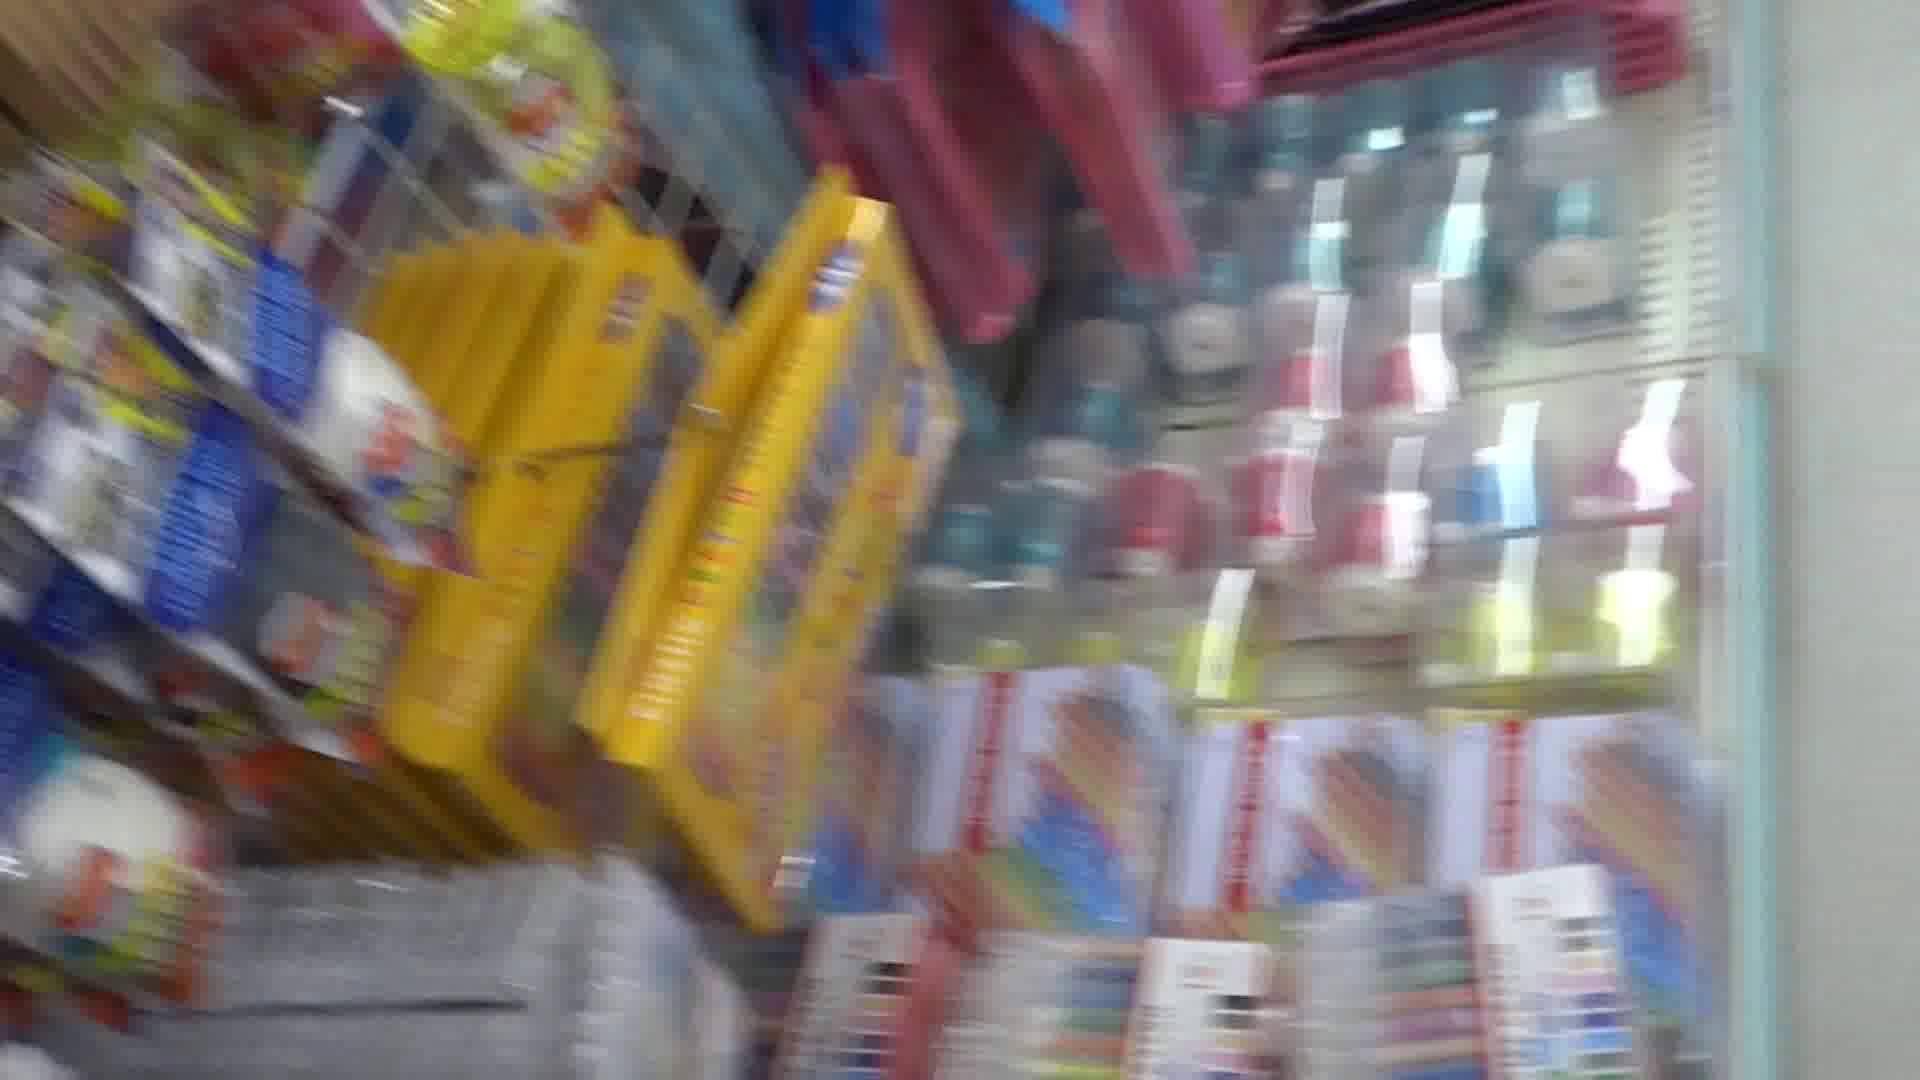 近所のお店は危険がイッパイ vol.8 OLの実態  26pic 20